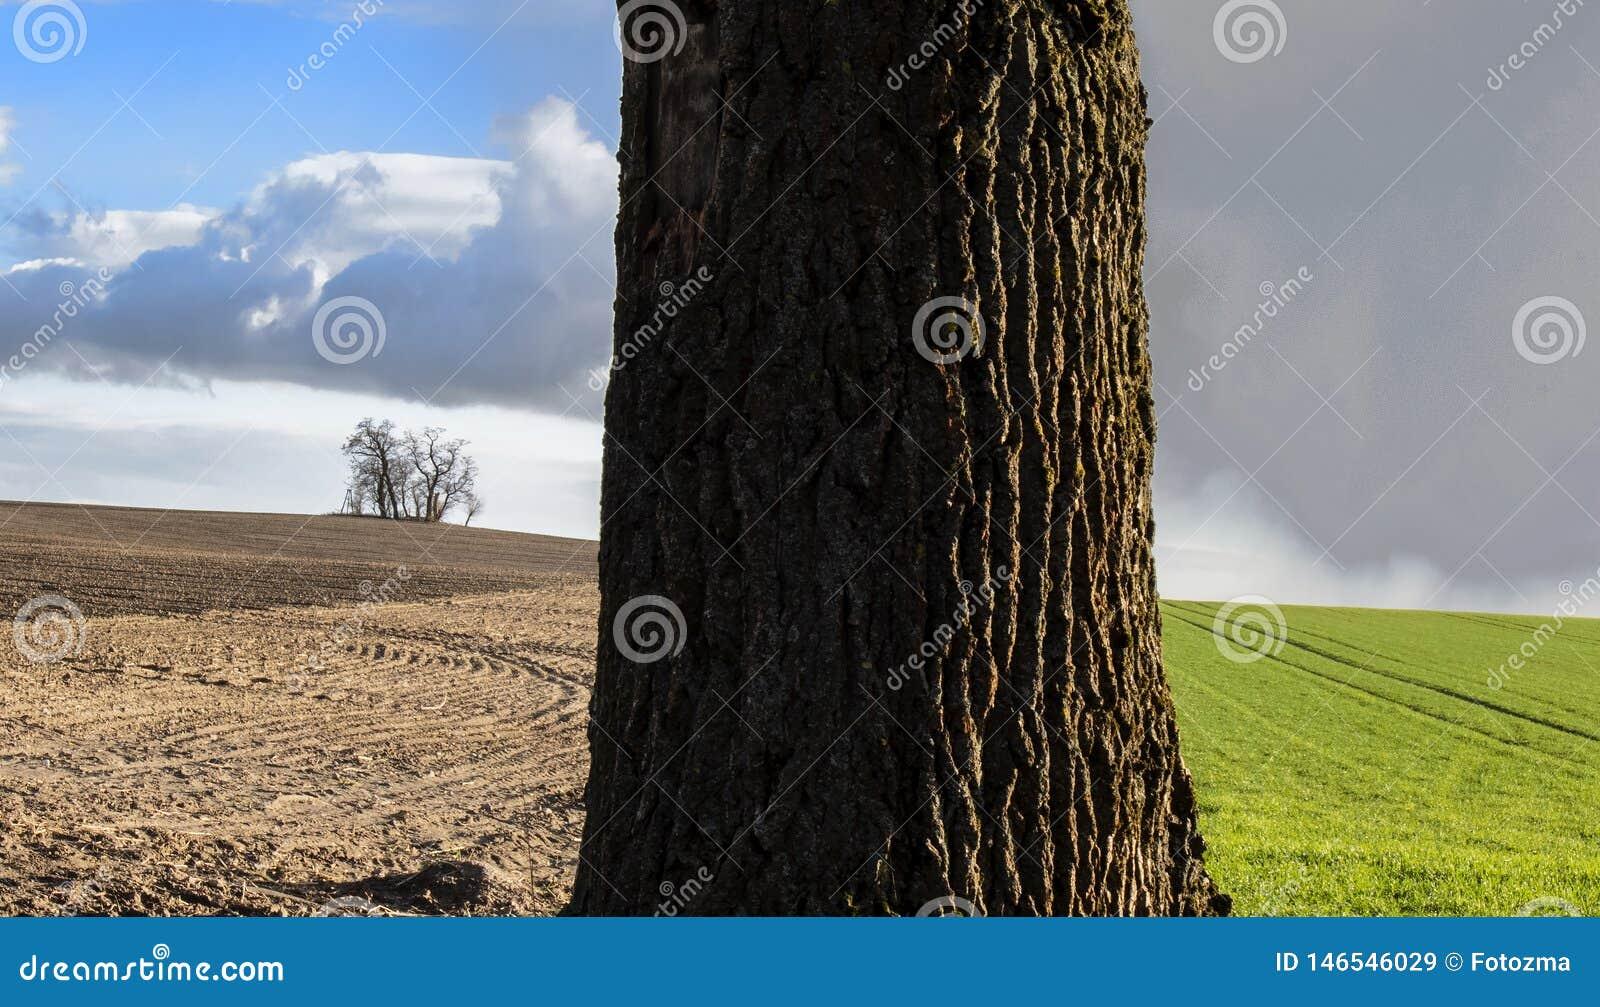 Tronco de árvore no campo